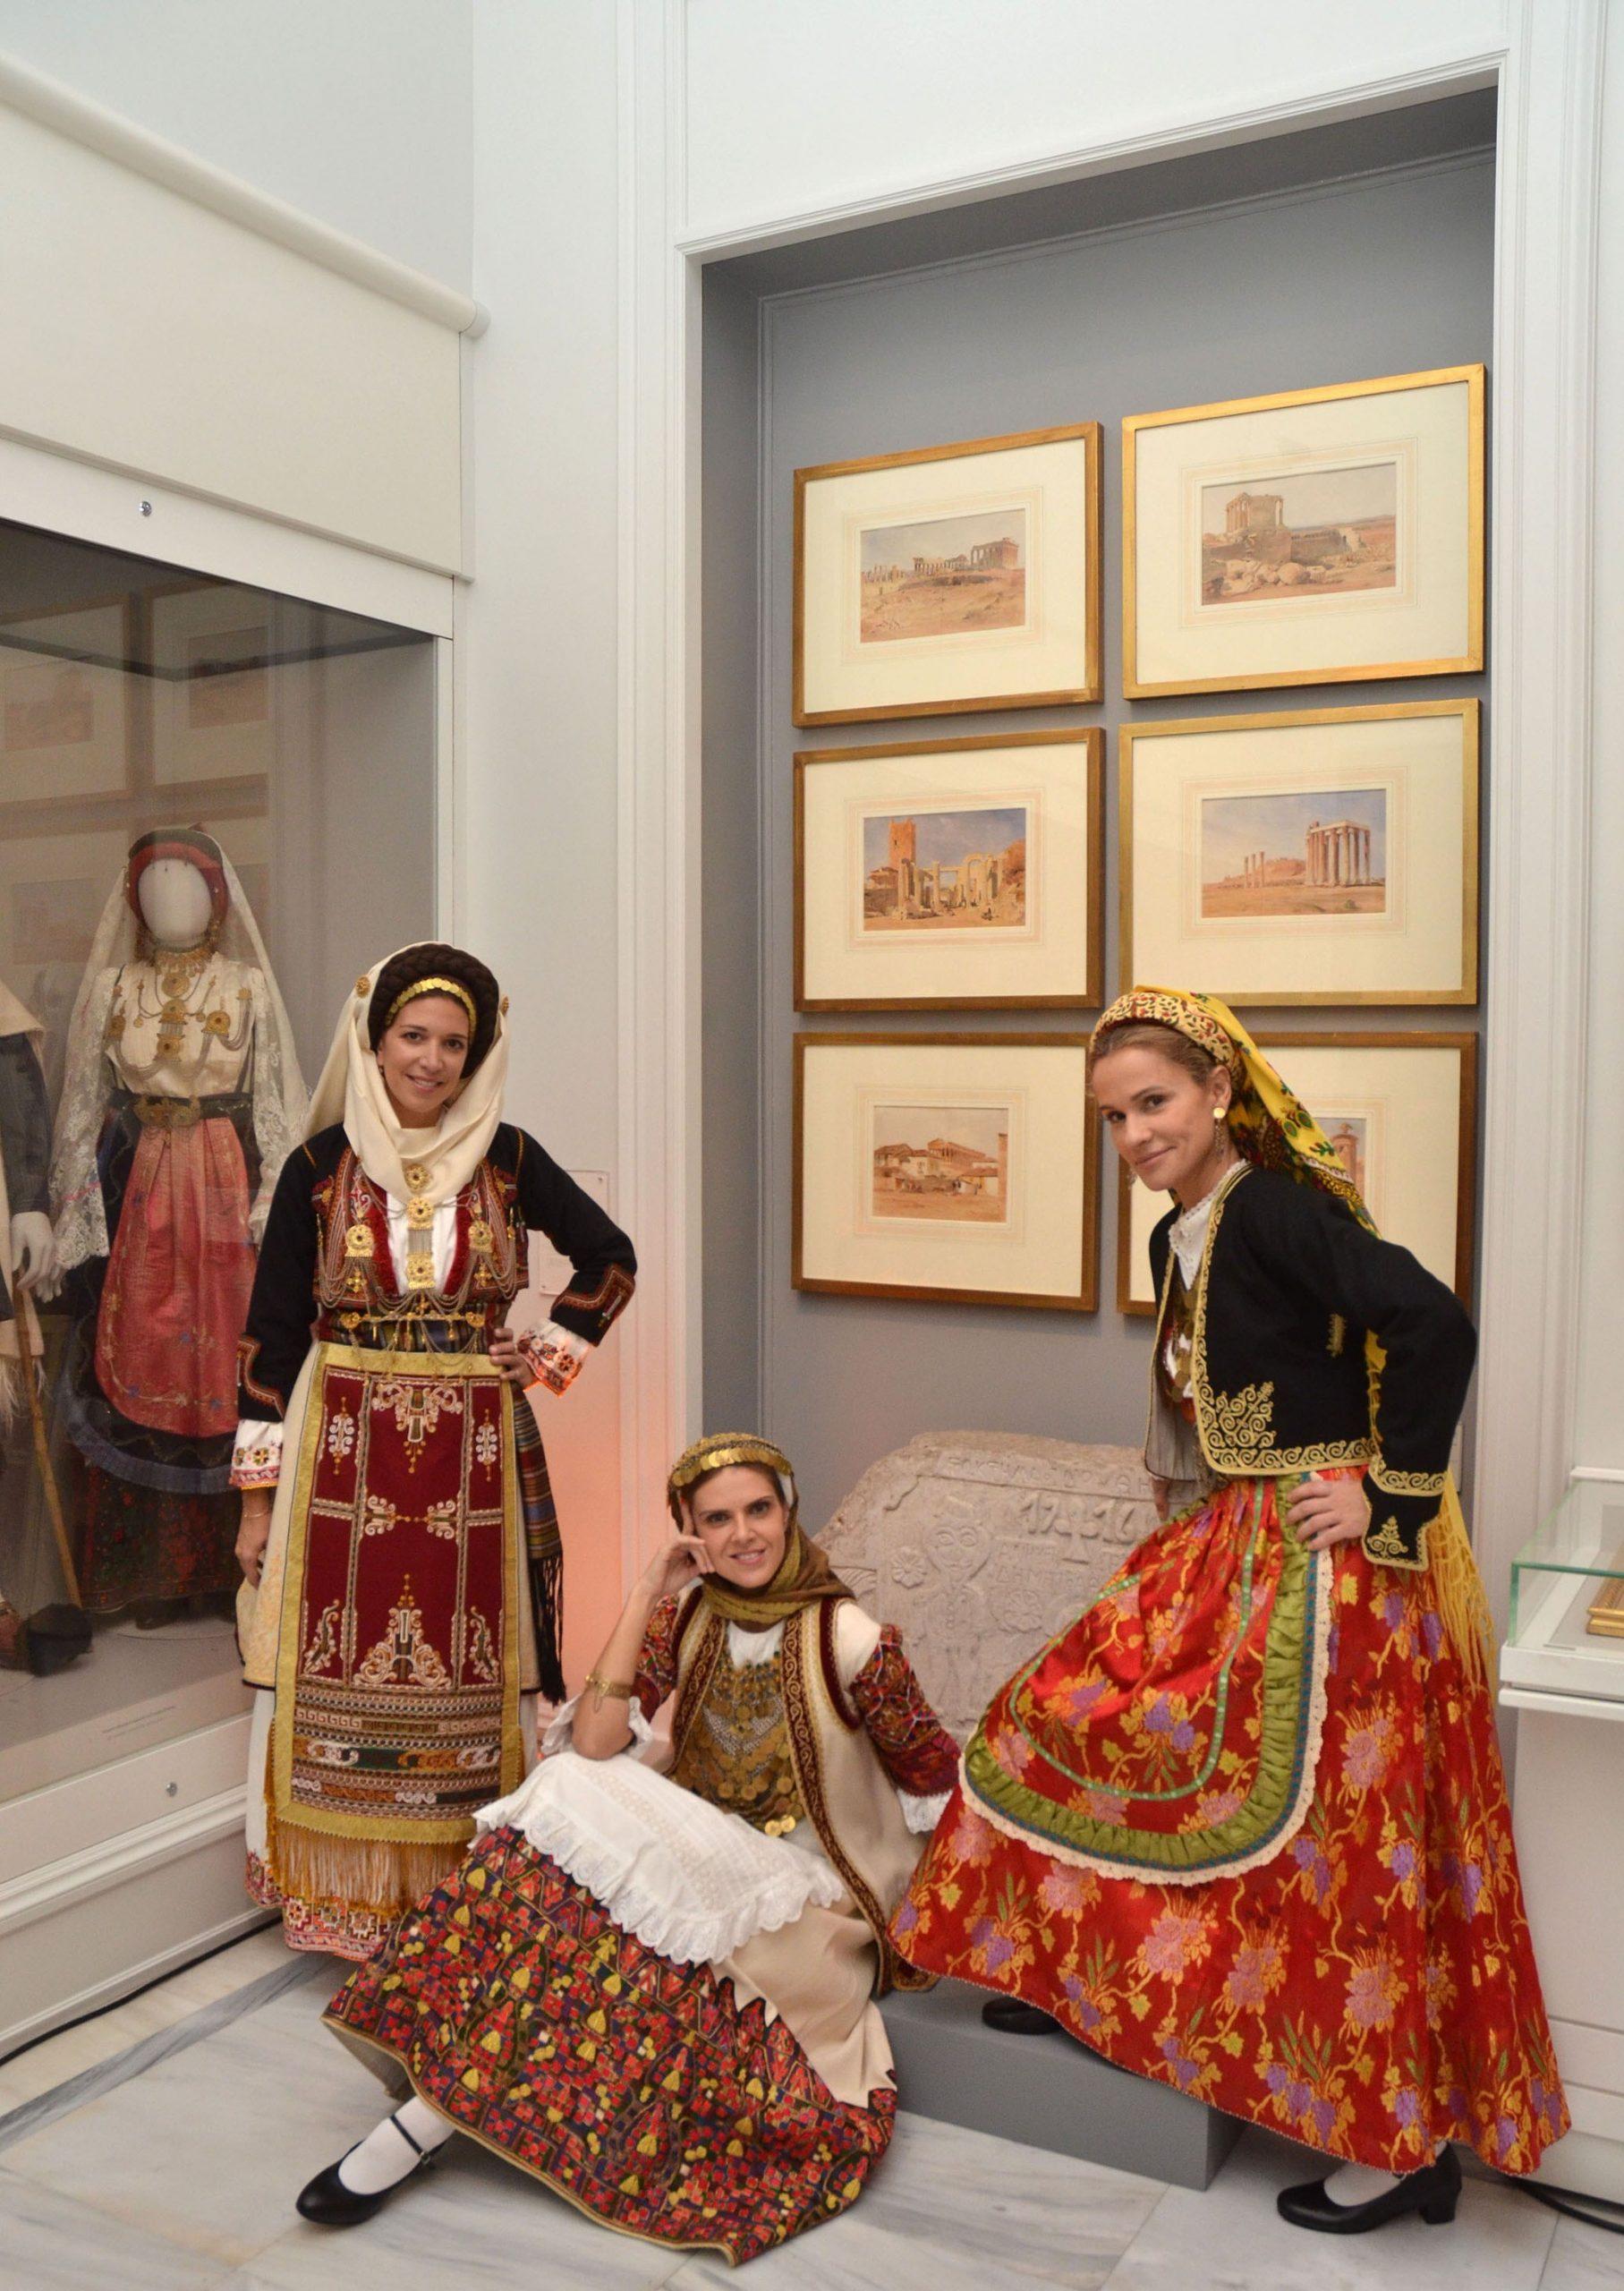 Το Μουσείο Μπενάκη παρουσίασε τις Φορεσιές Με Πρόσωπα